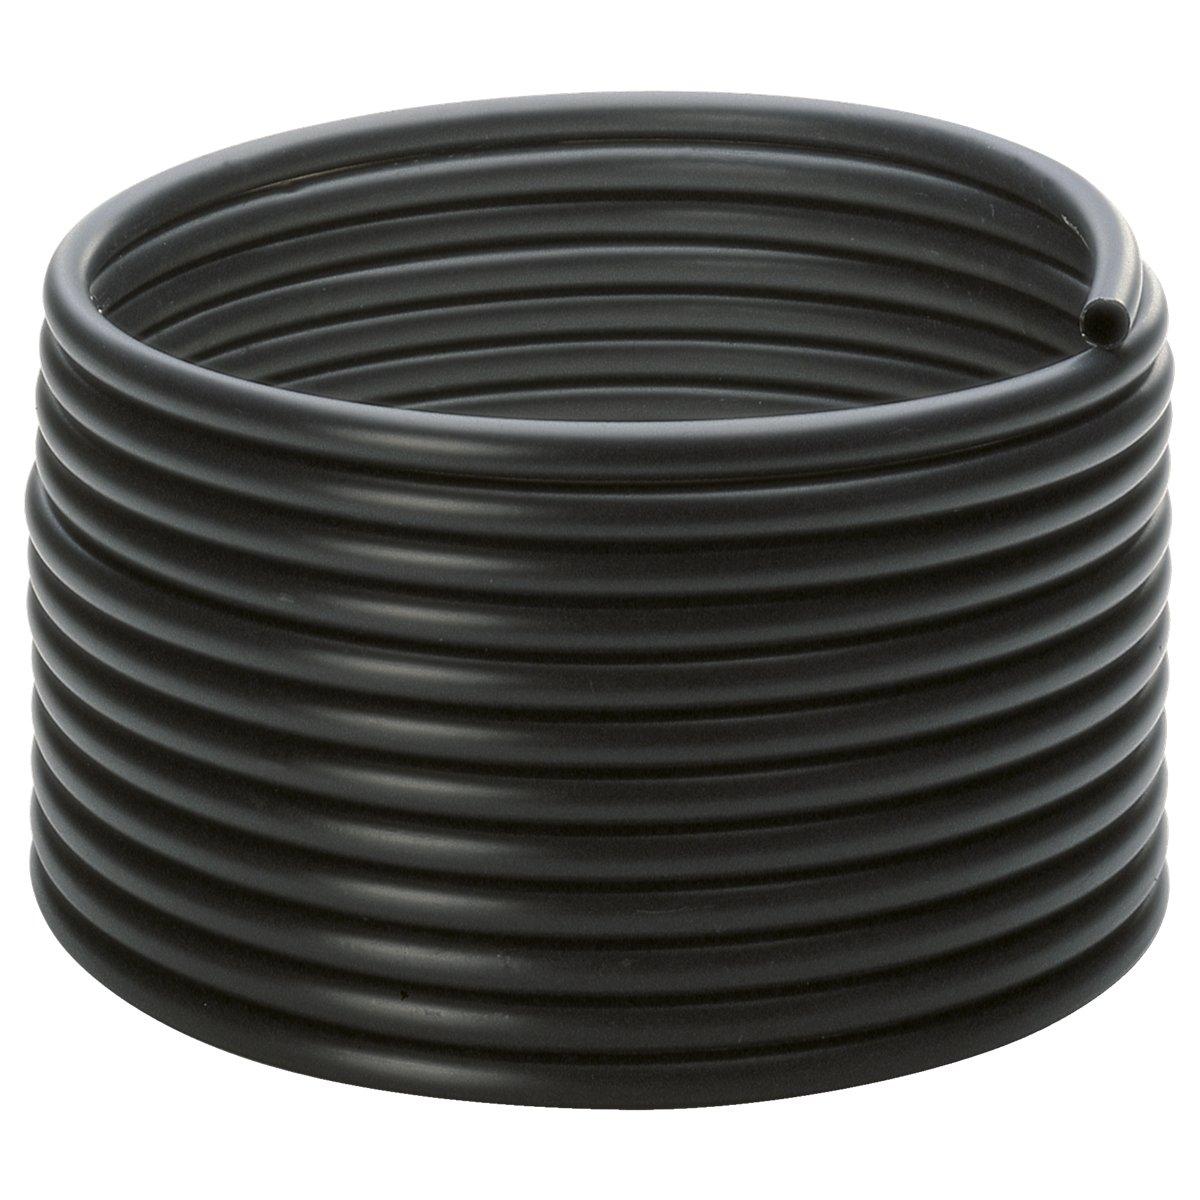 GARDENA 1348-U Supply Pipe 3/16'' X 164' - Micro Drip System by Gardena